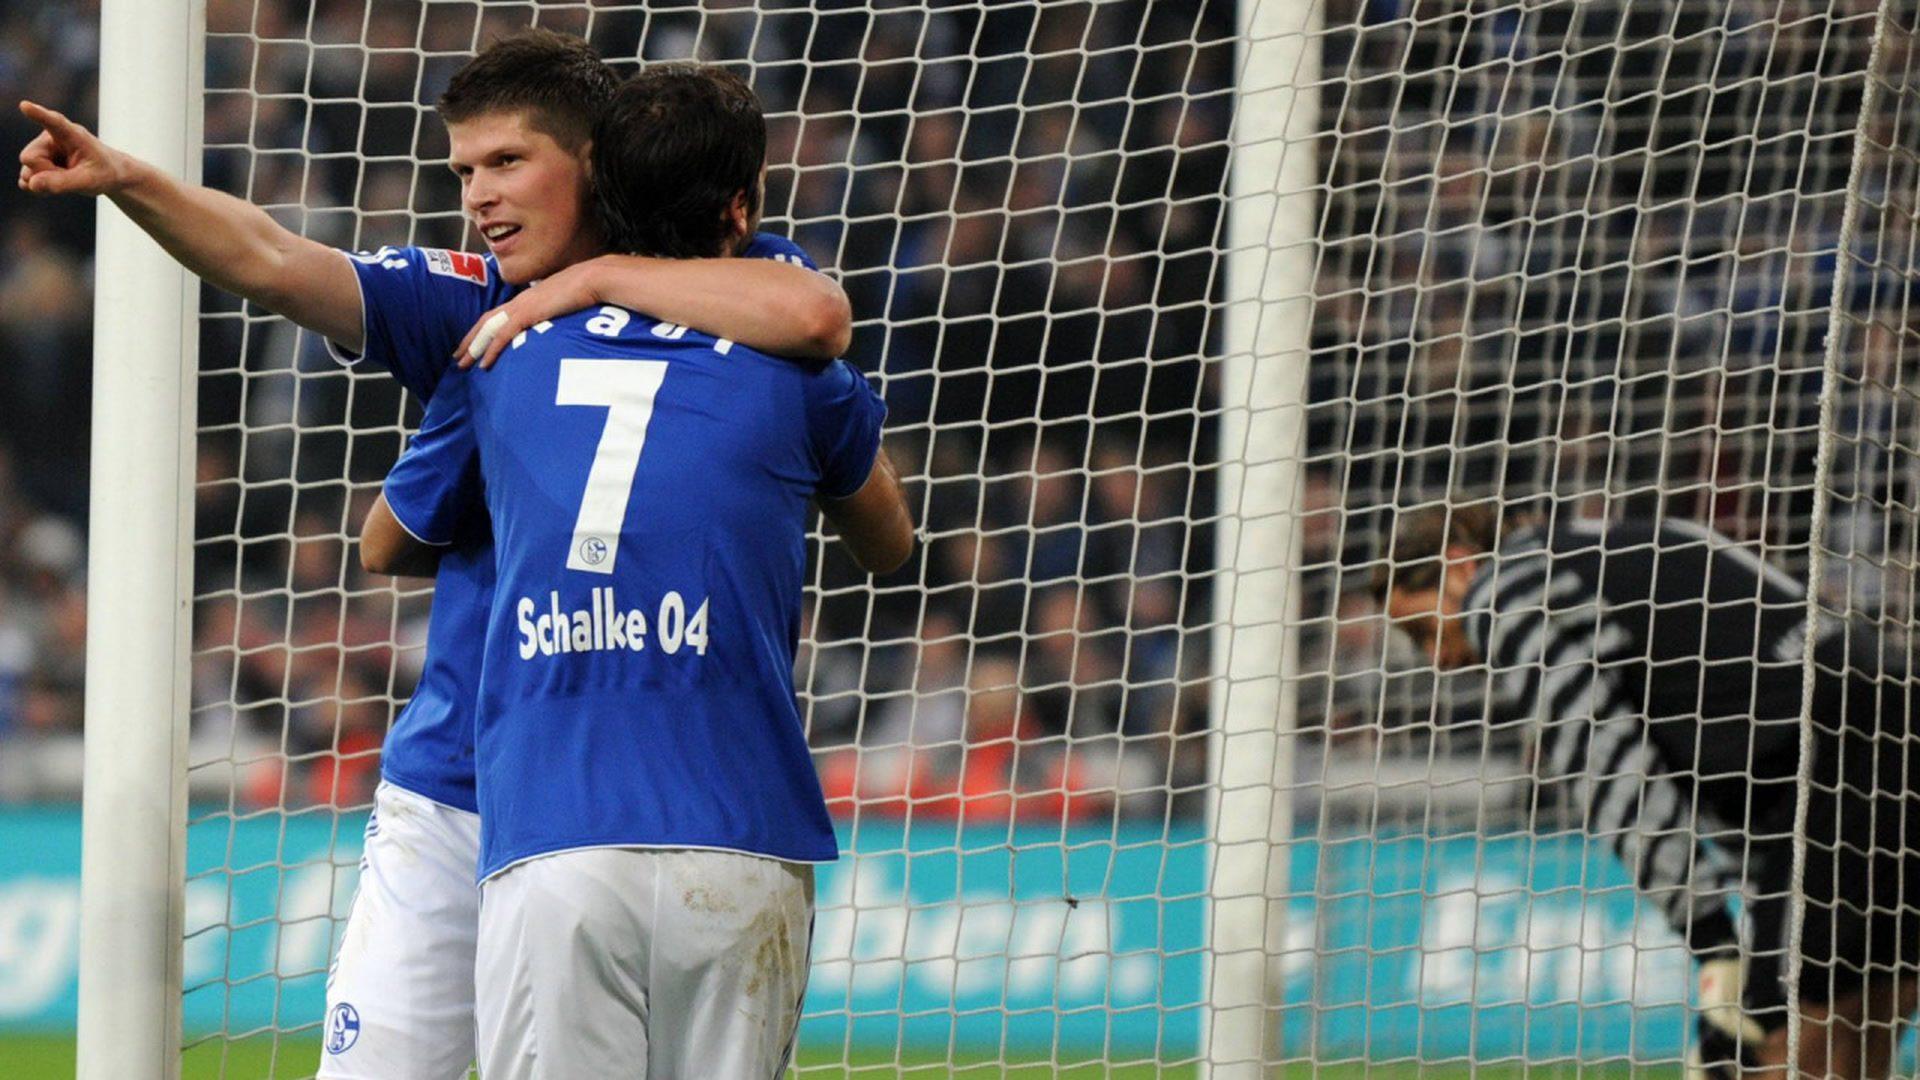 Watch: Huntelaar's Top 5 Schalke goals